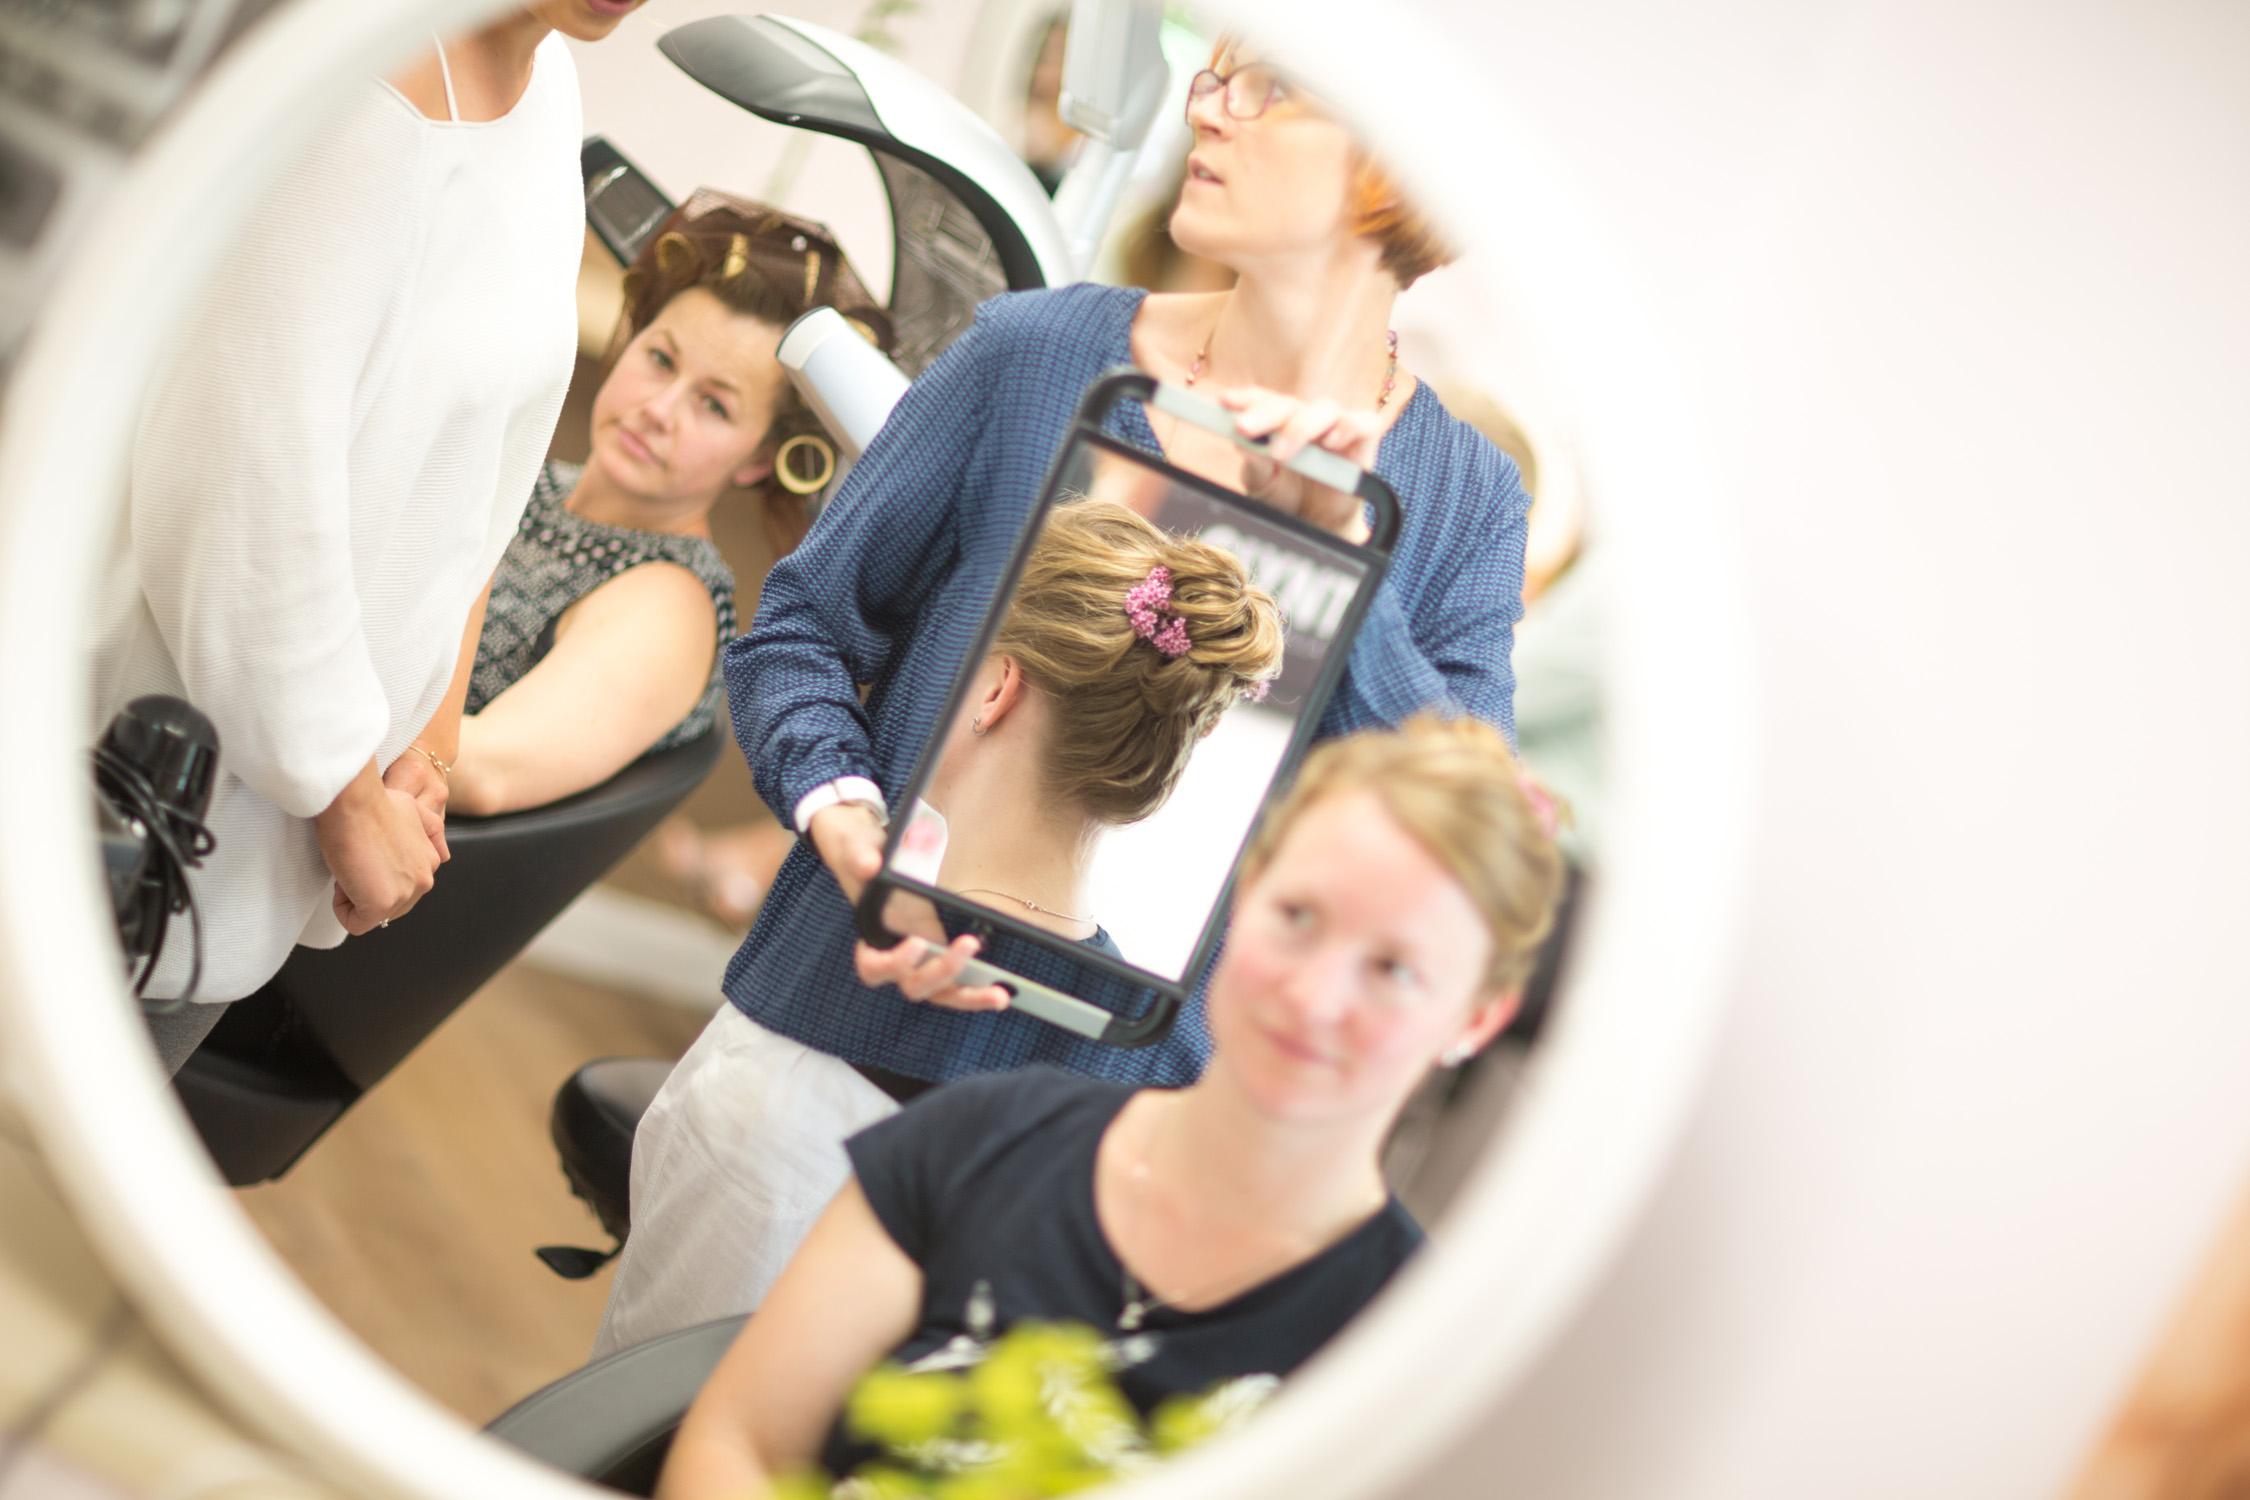 Friseurbesuch bei Salon Runge 4